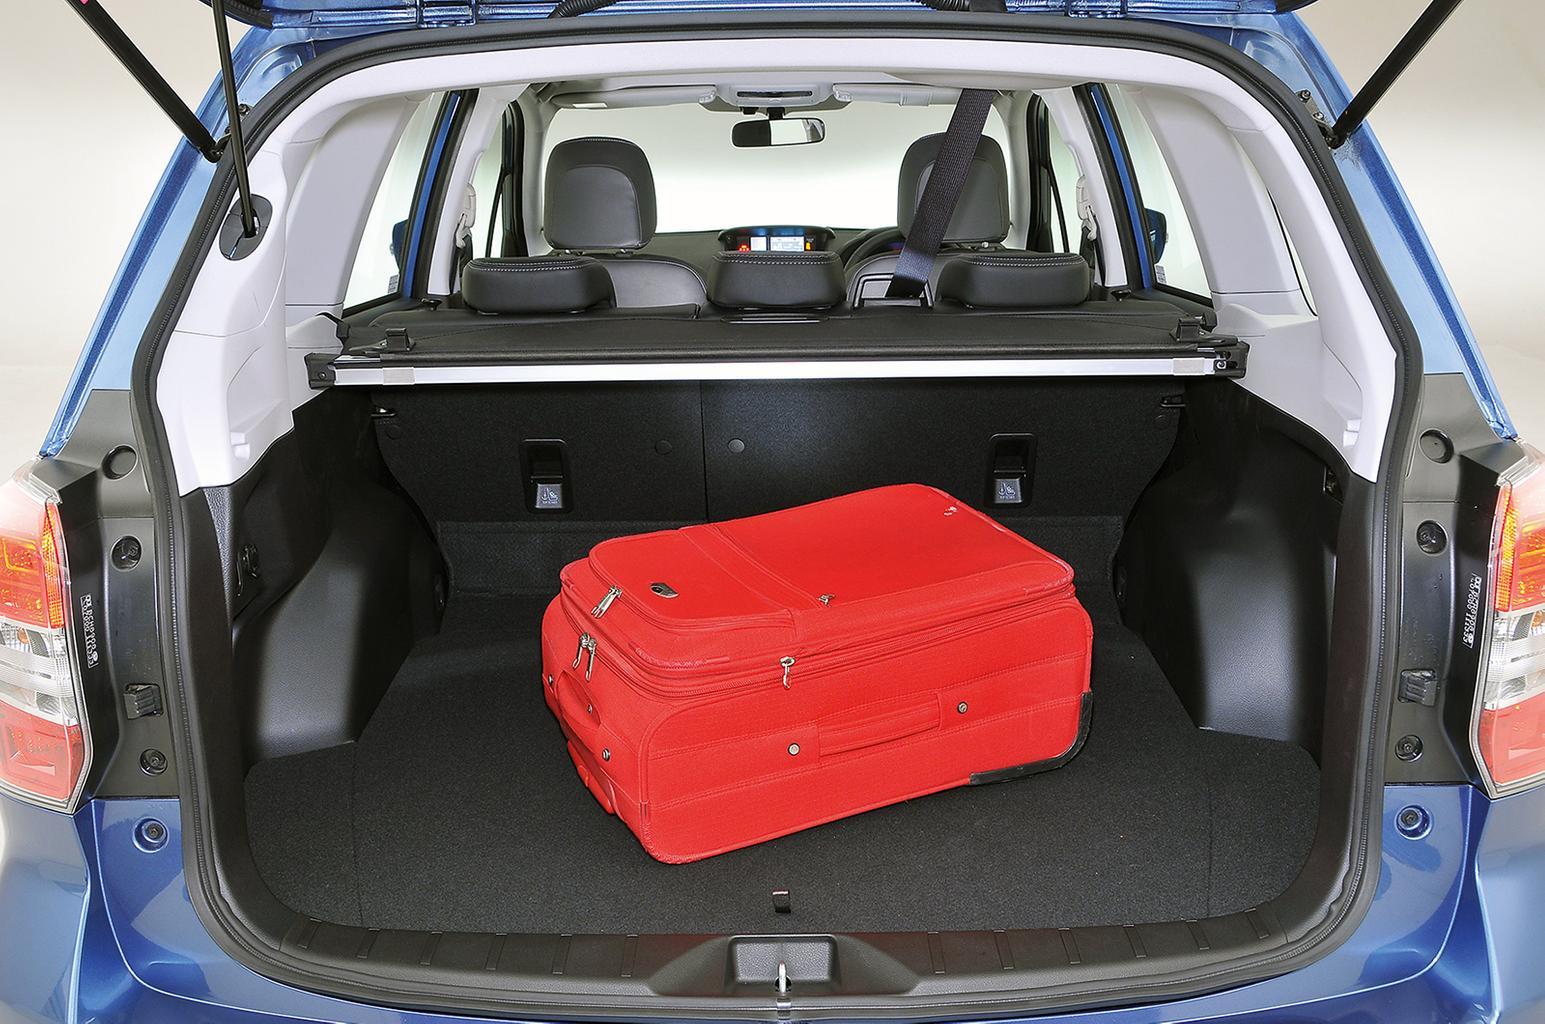 Used test: Honda CR-V vs Mazda CX-5 vs Subaru Forester